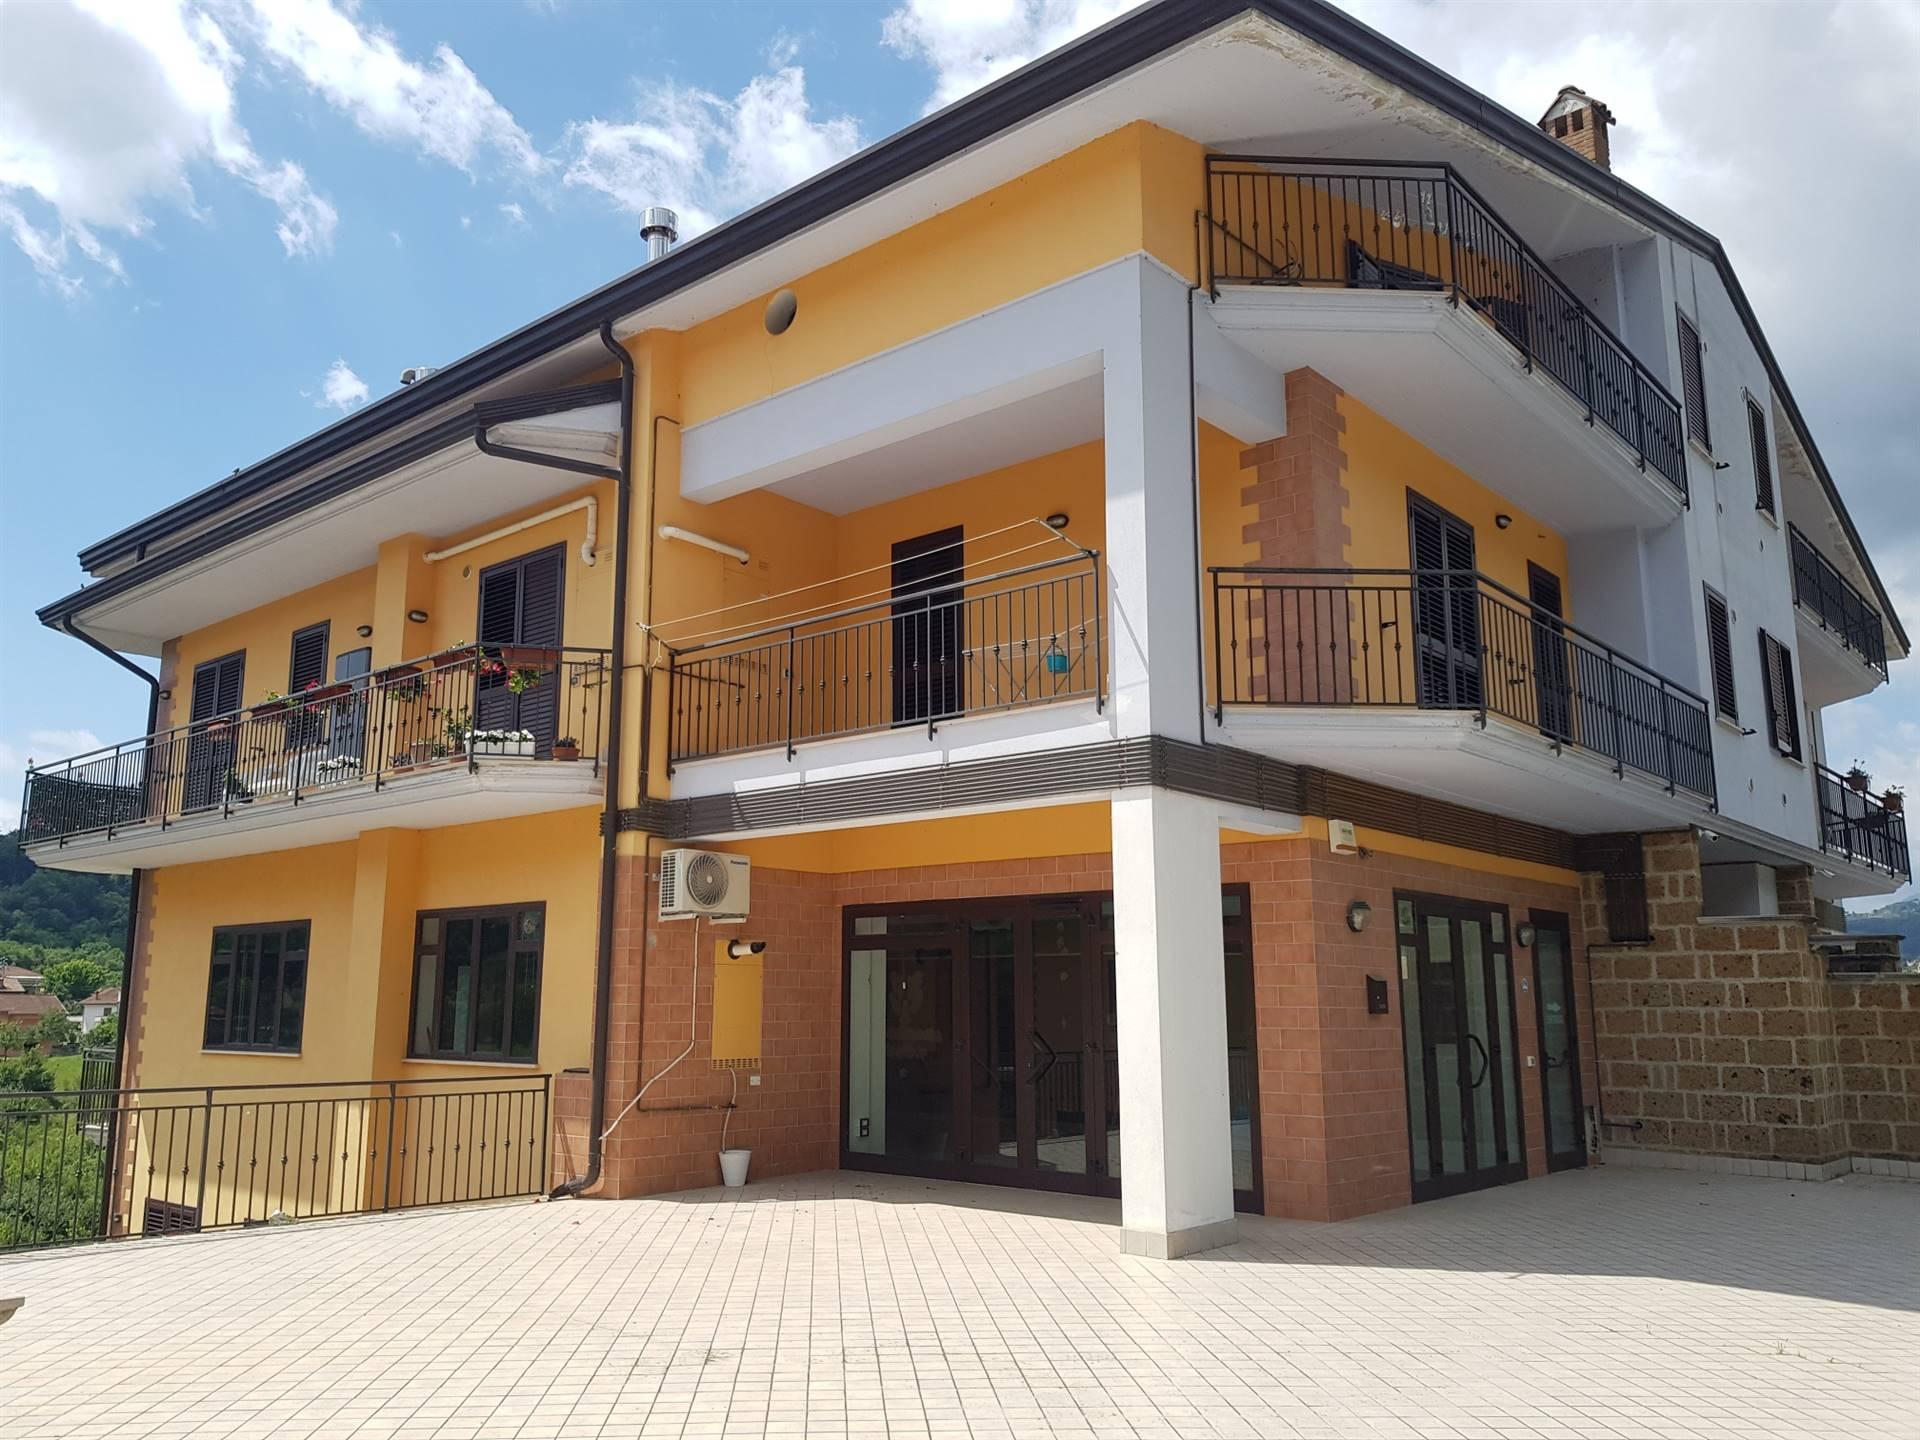 Negozio / Locale in affitto a Prata di Principato Ultra, 2 locali, zona Zona: Tavernanova, prezzo € 1.300 | CambioCasa.it